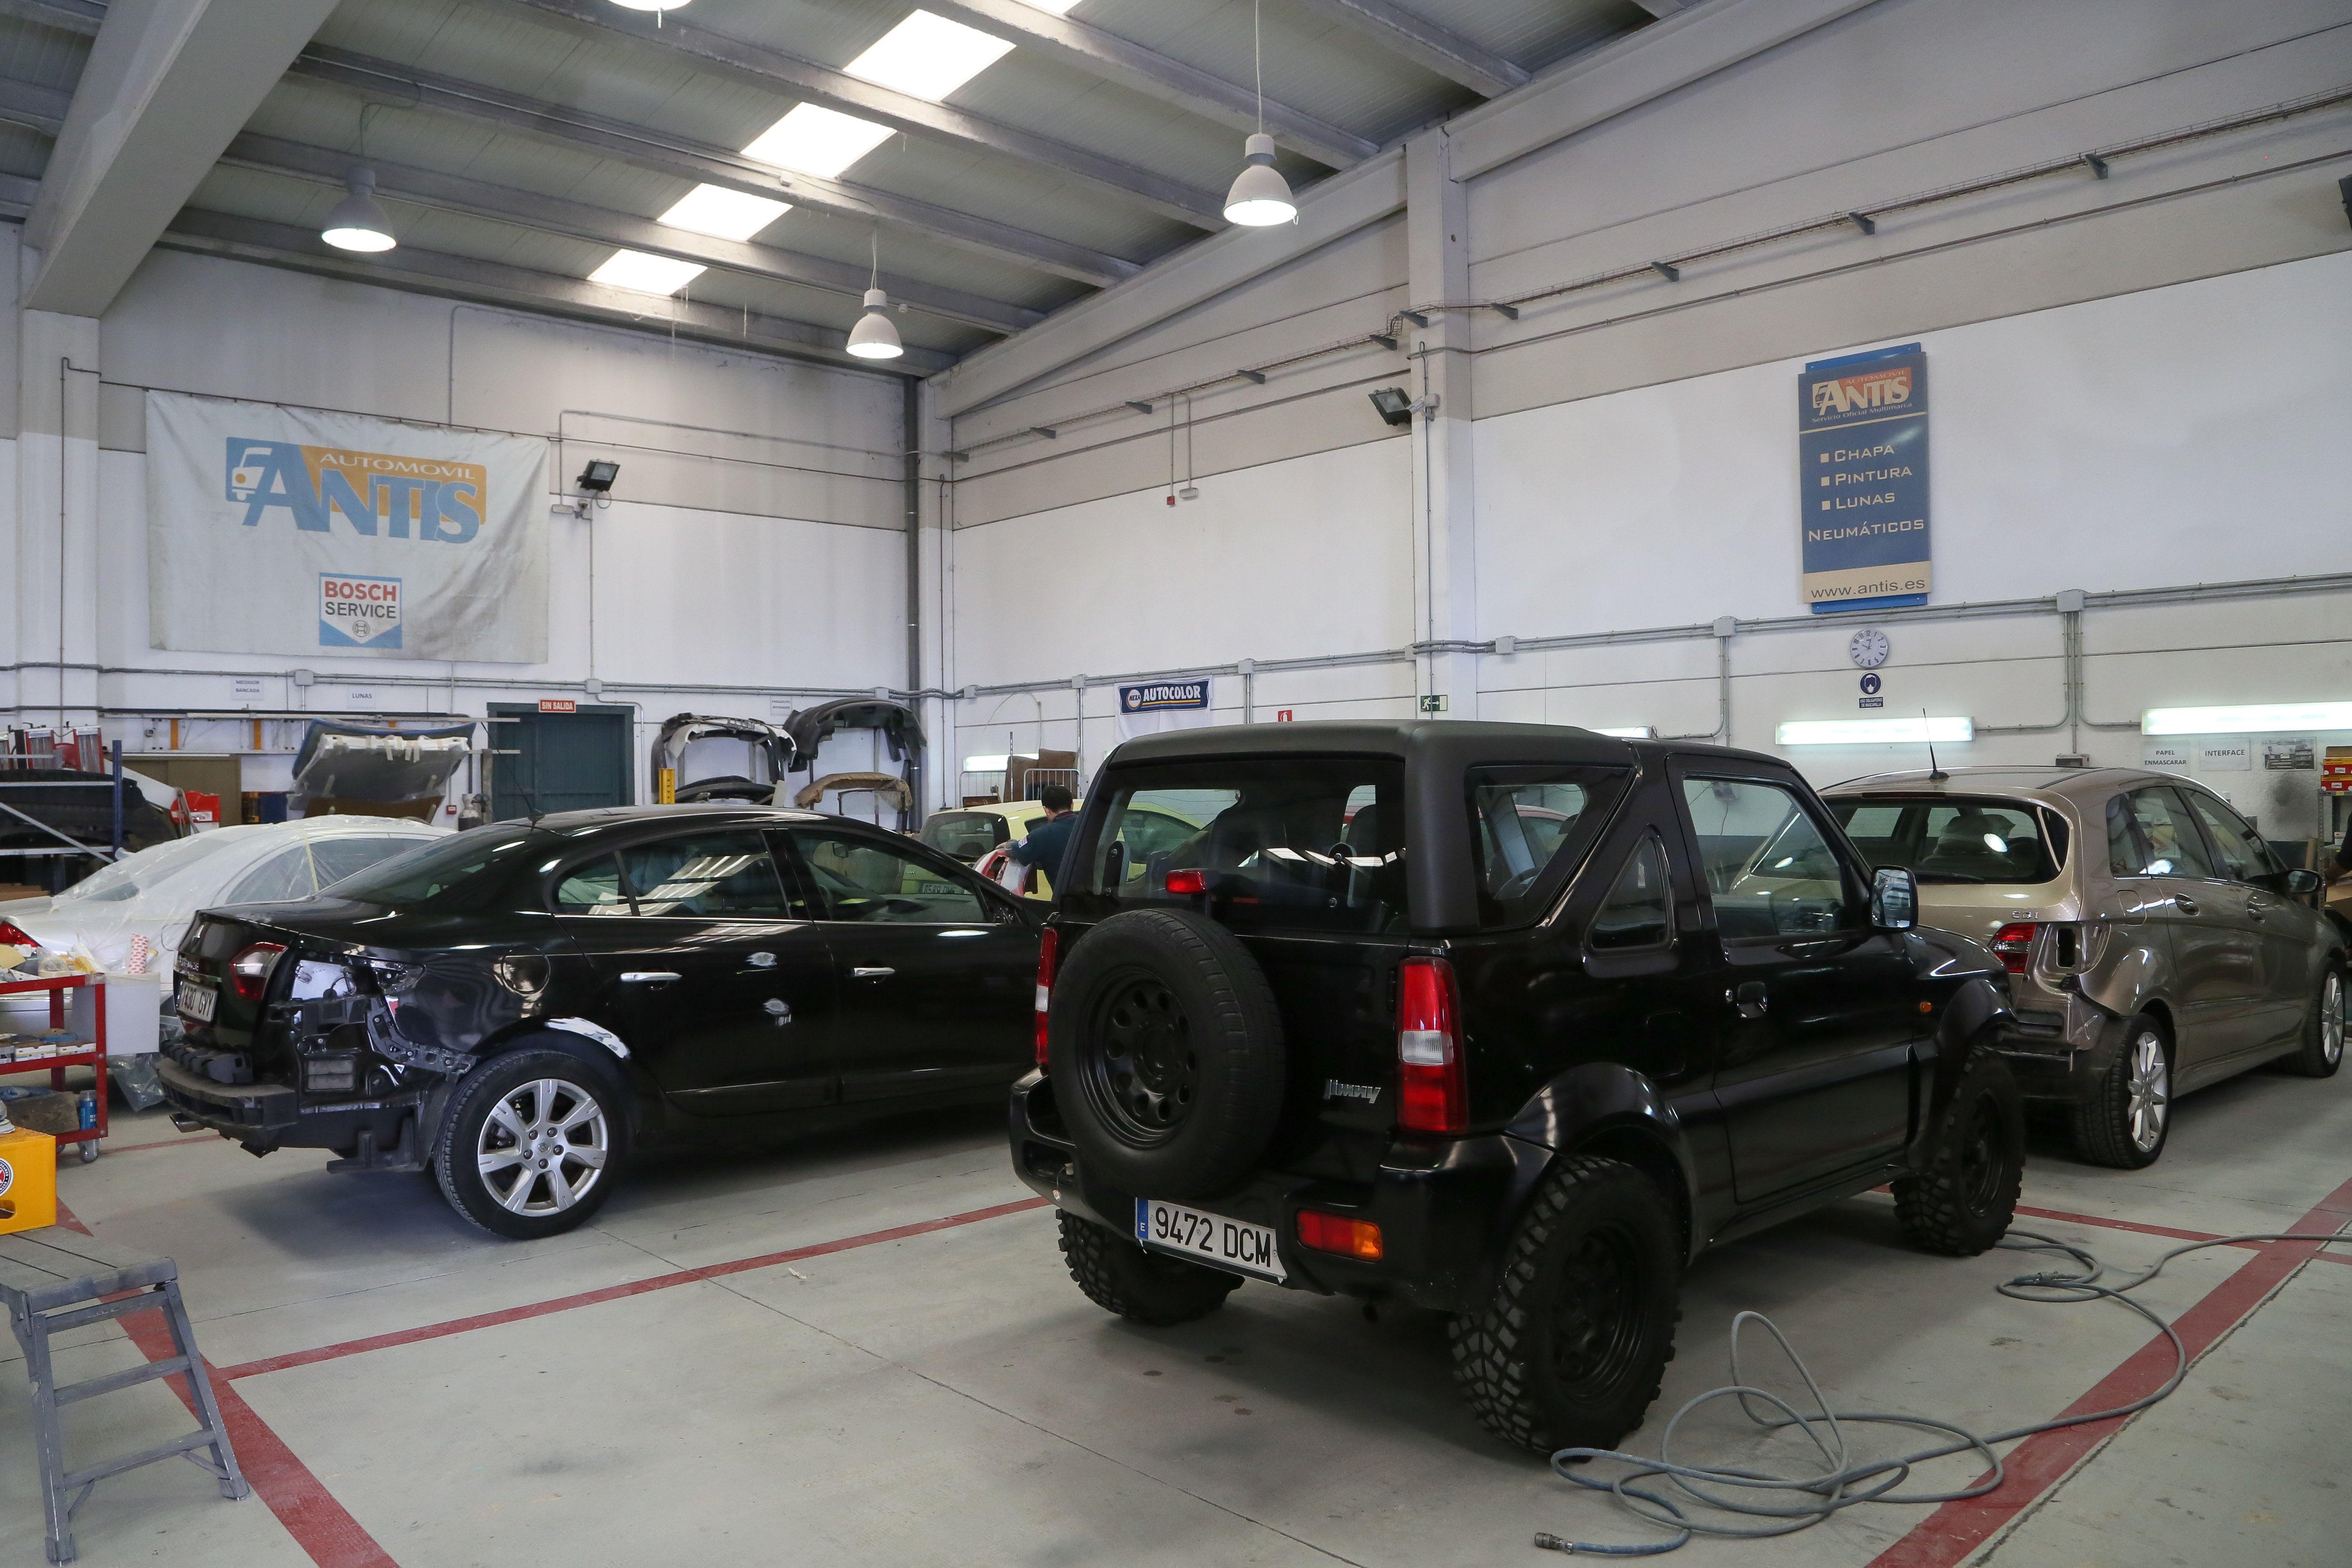 Foto 17 de Compraventa de automóviles en Guadarrama | Talleres Antis